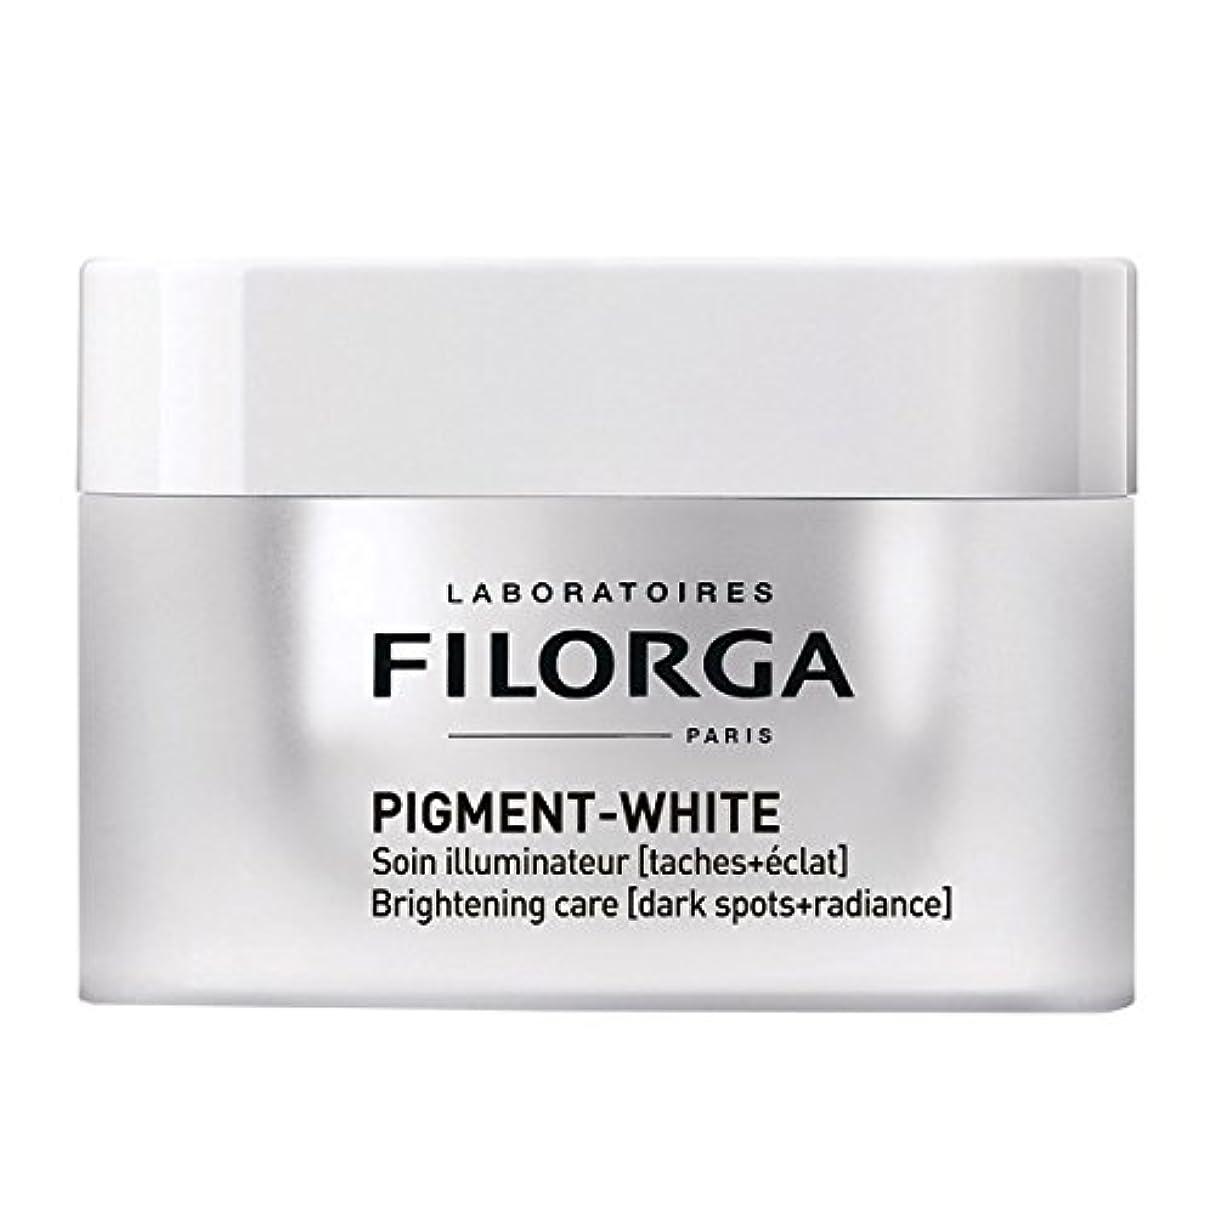 呼吸するカタログ未払いFilorga Pigment-white 50ml [並行輸入品]